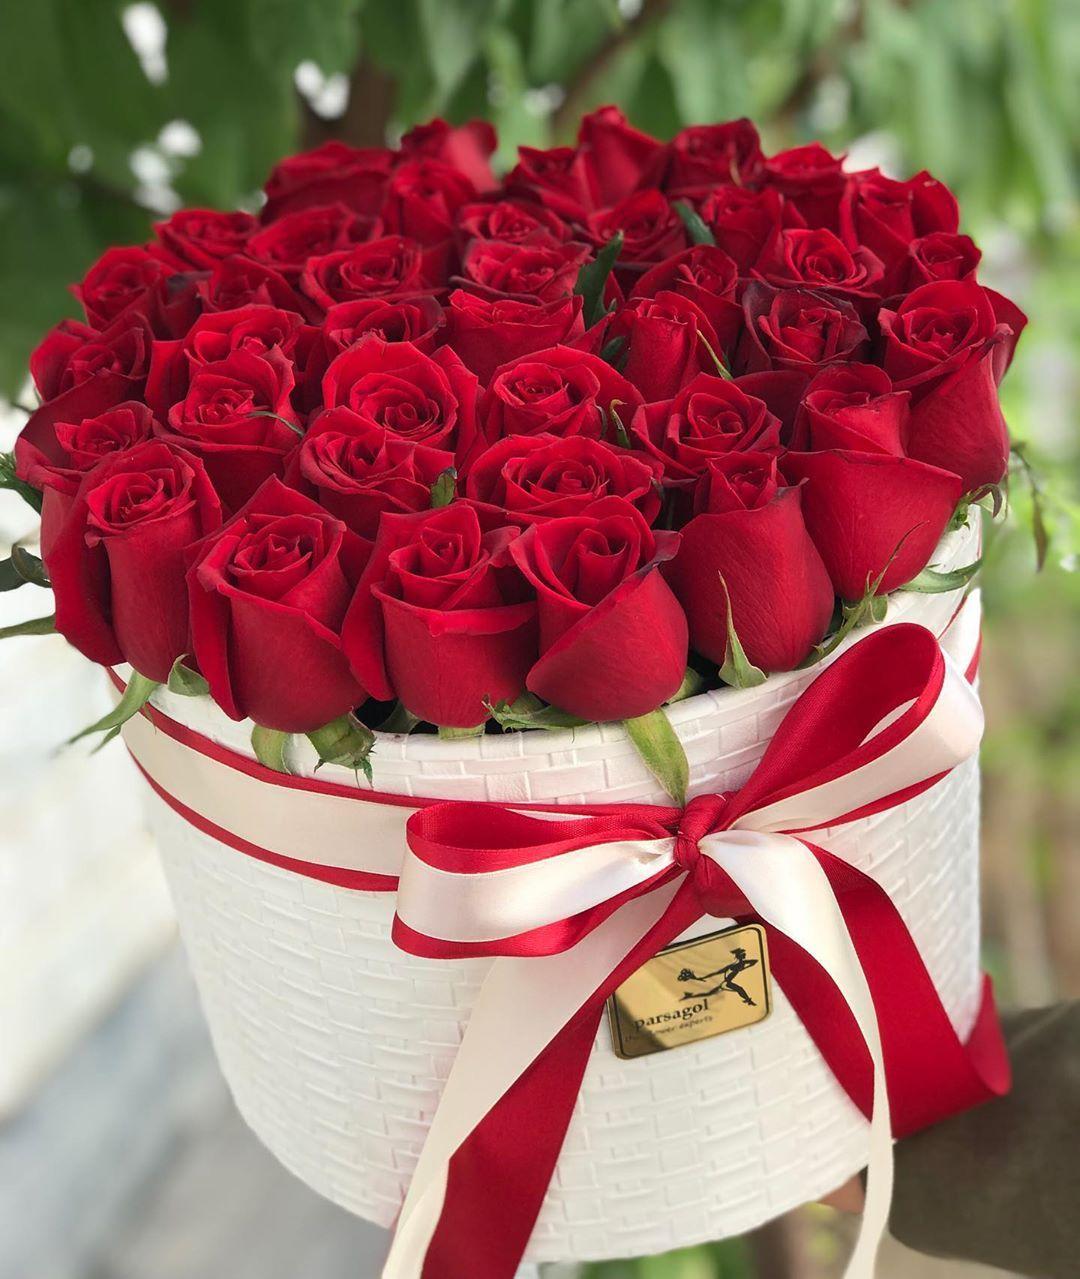 همین امروز با محصولات پارساگل بی بهانه عزیزانتان را سورپرایز کنید ثبت سفارش فقط از طریق لی Happy Birthday Bouquet Birthday Bouquet Flower Delivery